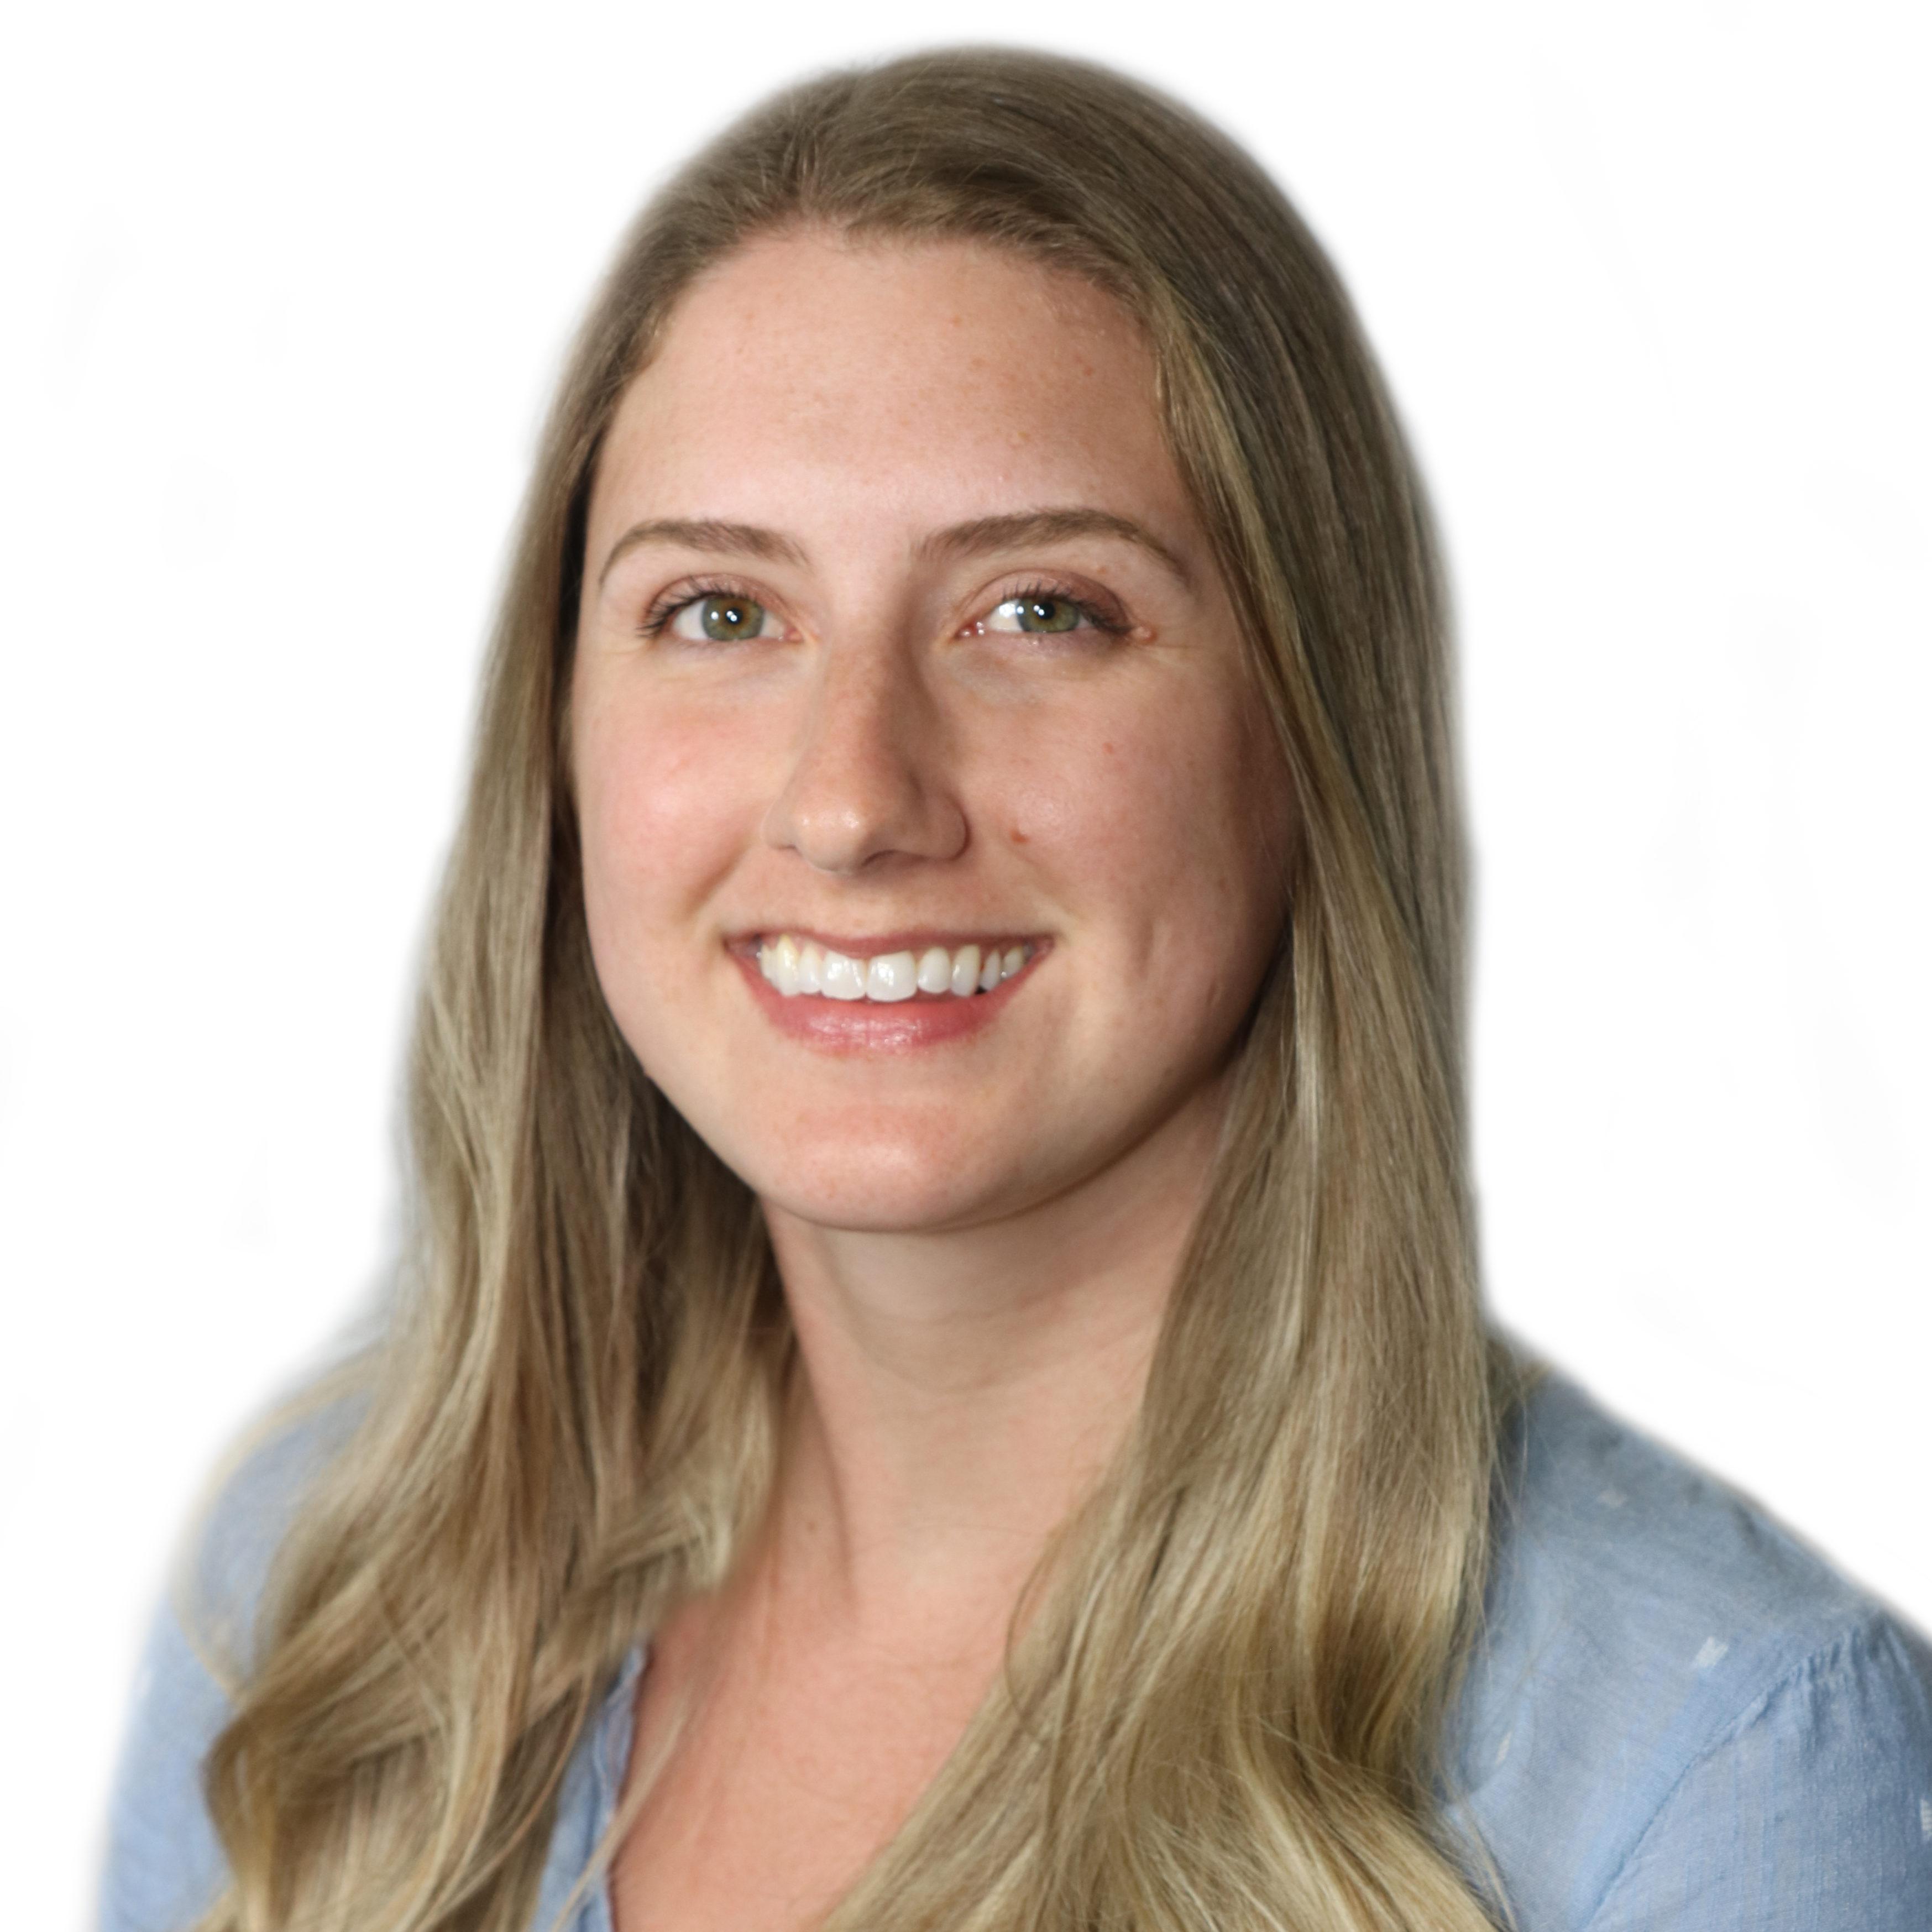 Chelsea Bilger